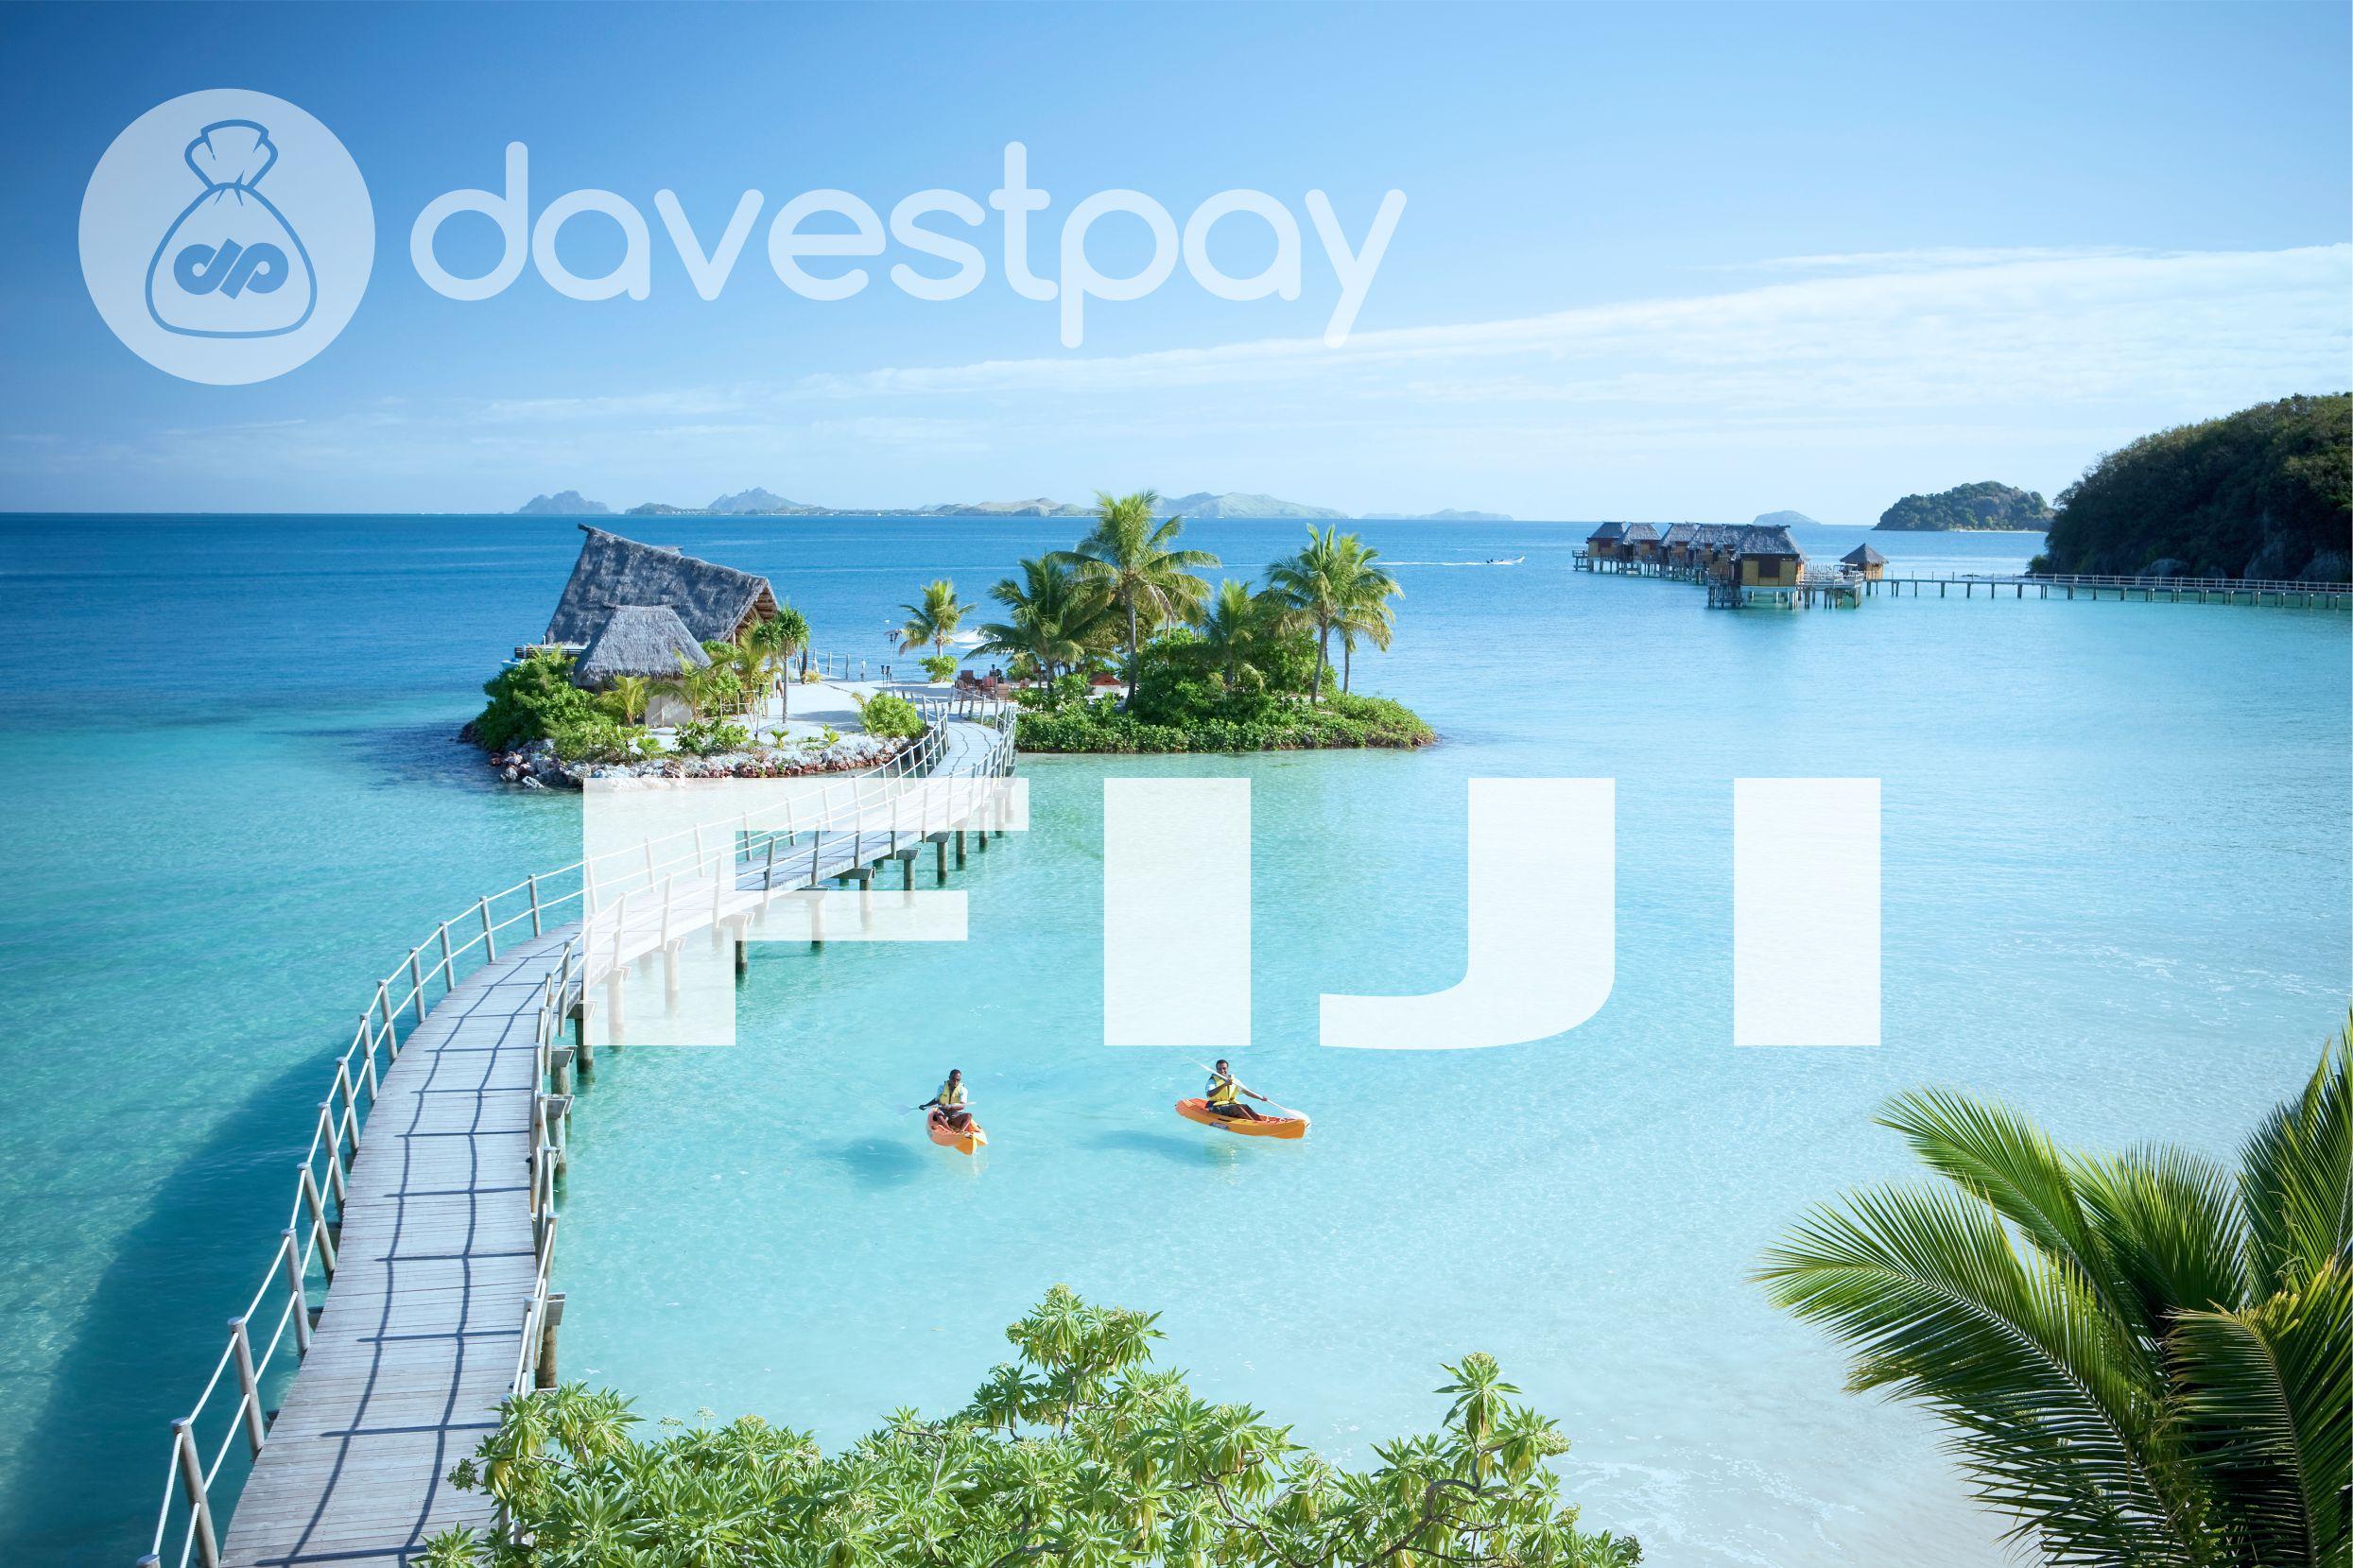 Simak Rekomendasi Liburan di Fiji Versi DavestPay !